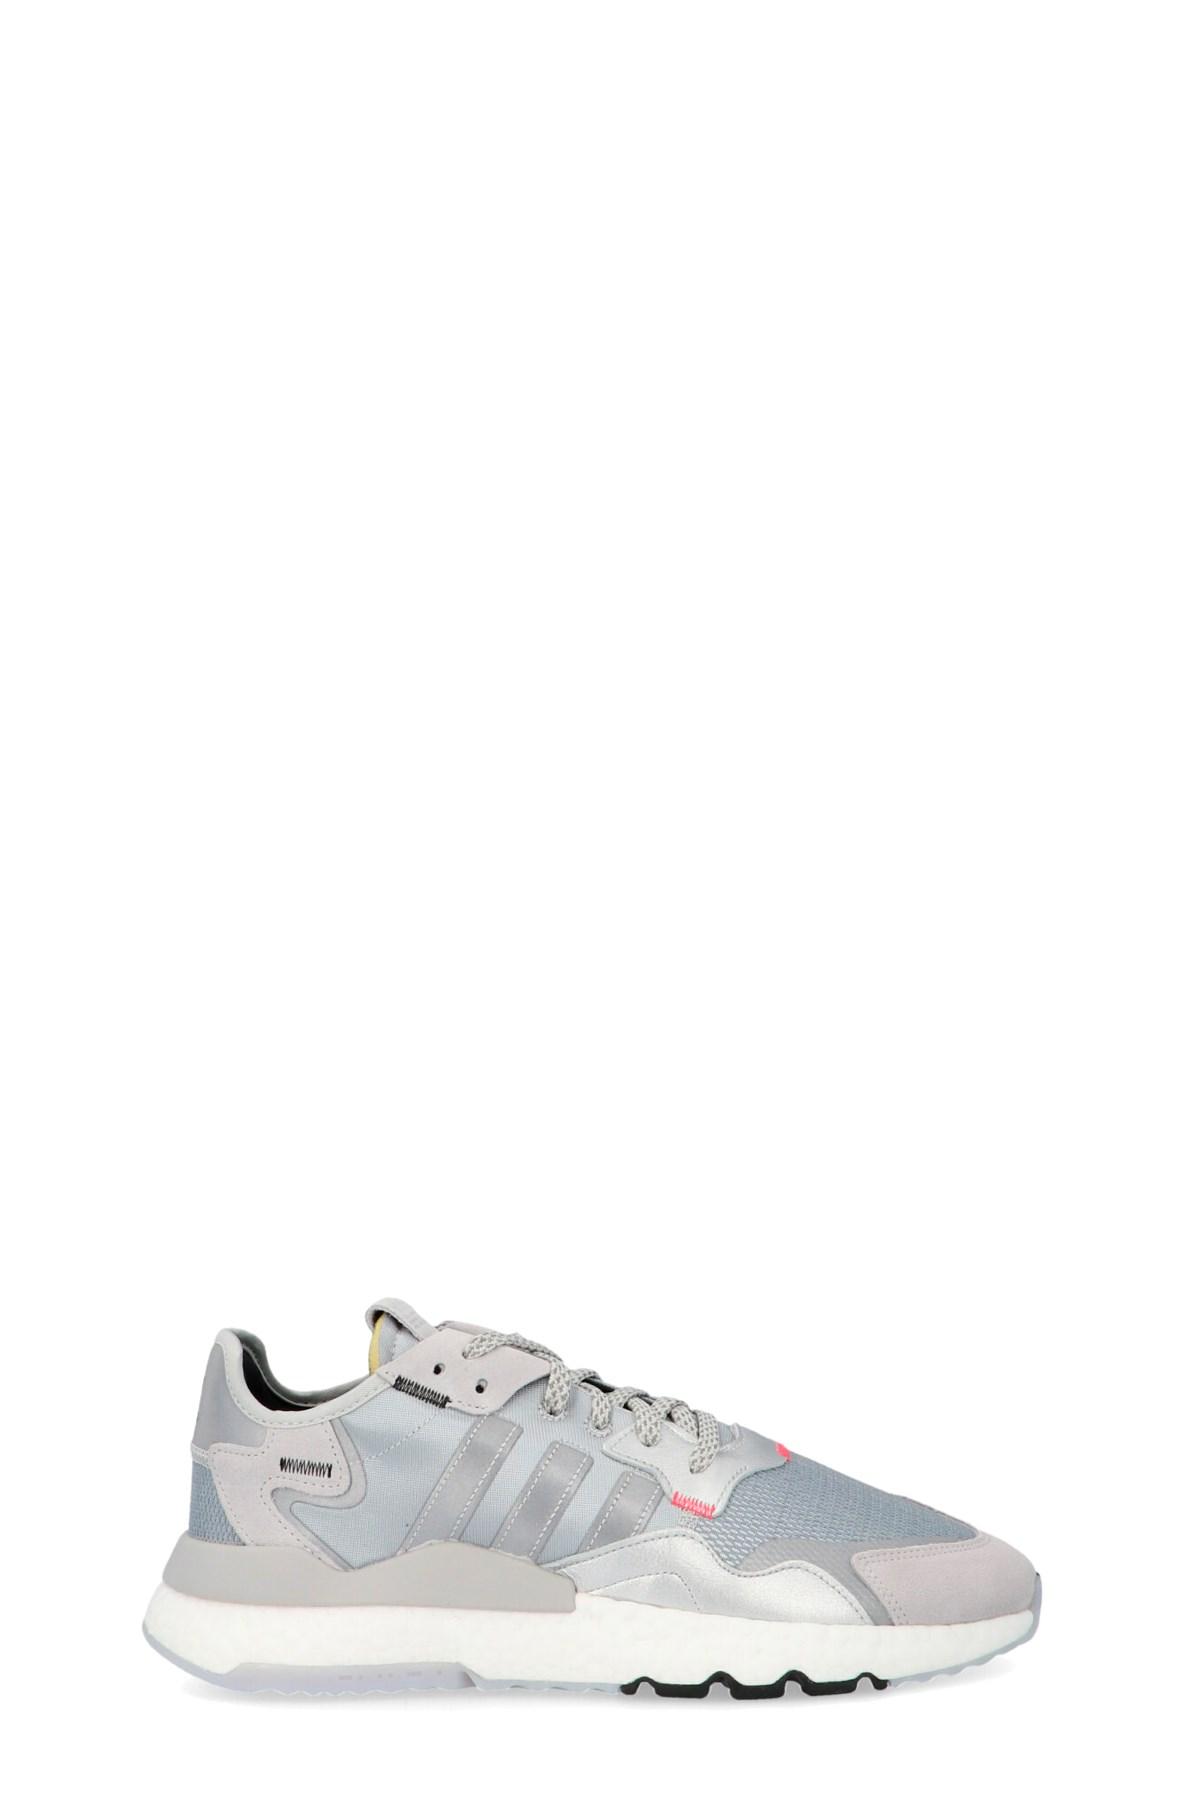 adidas originals 'Nite jogger' sneakers